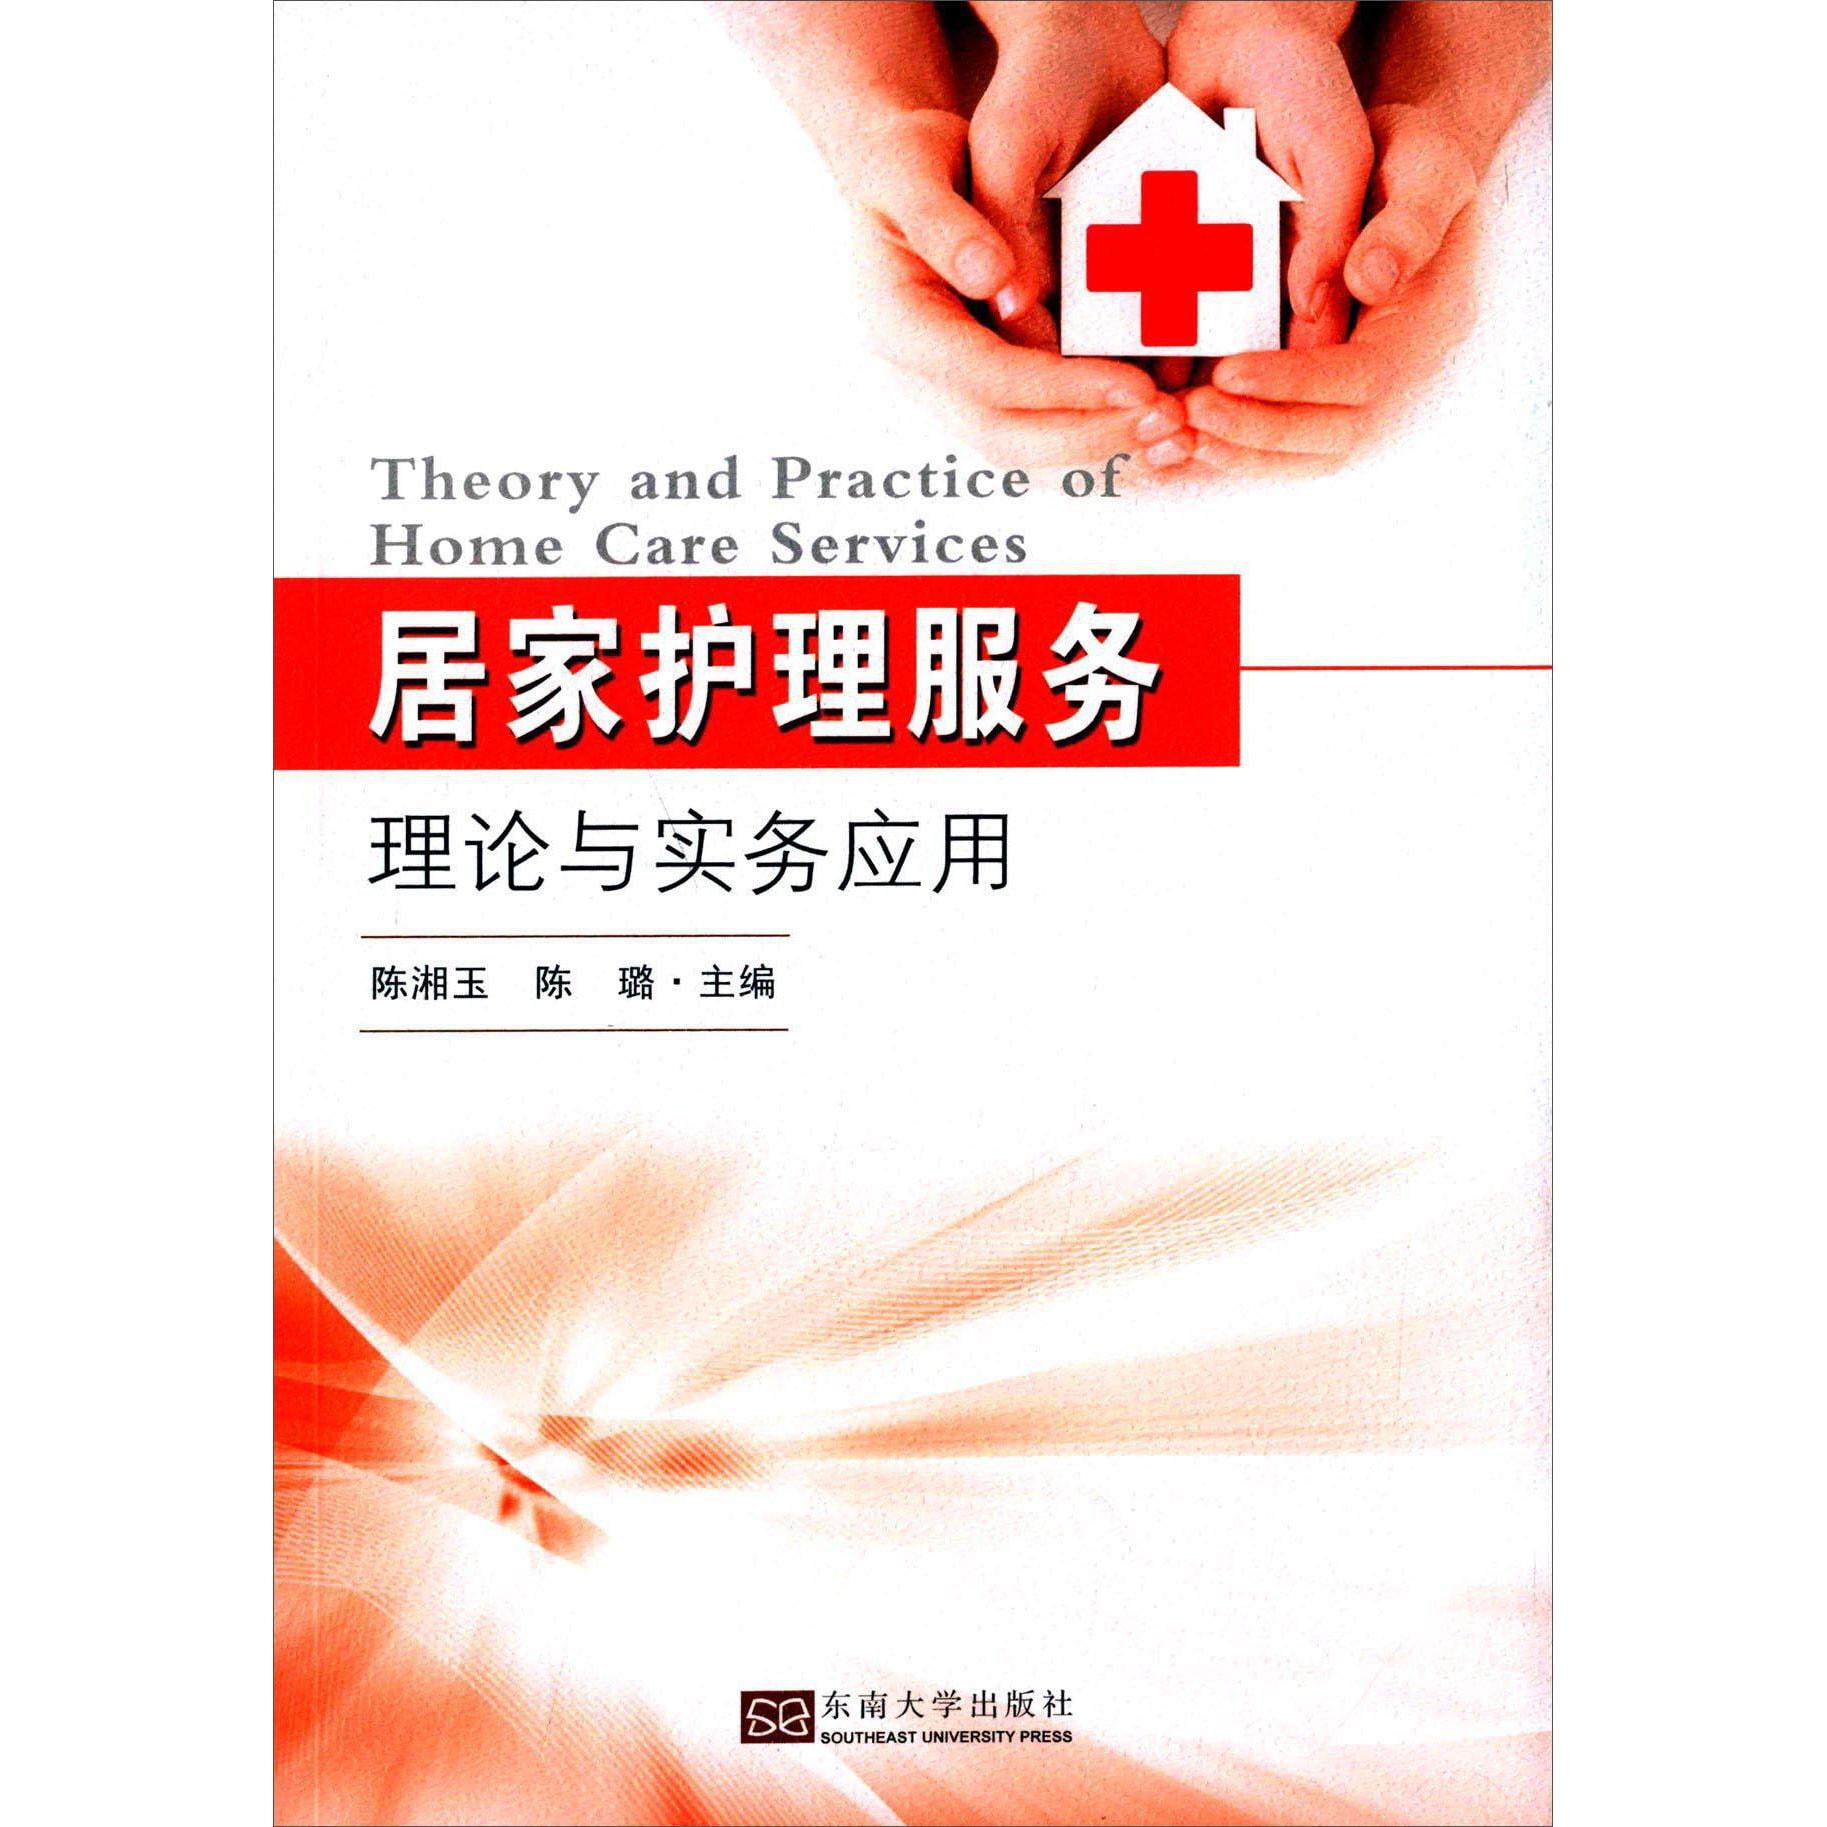 居家护理服务理论与实务应用 怎么样 - 亚米网